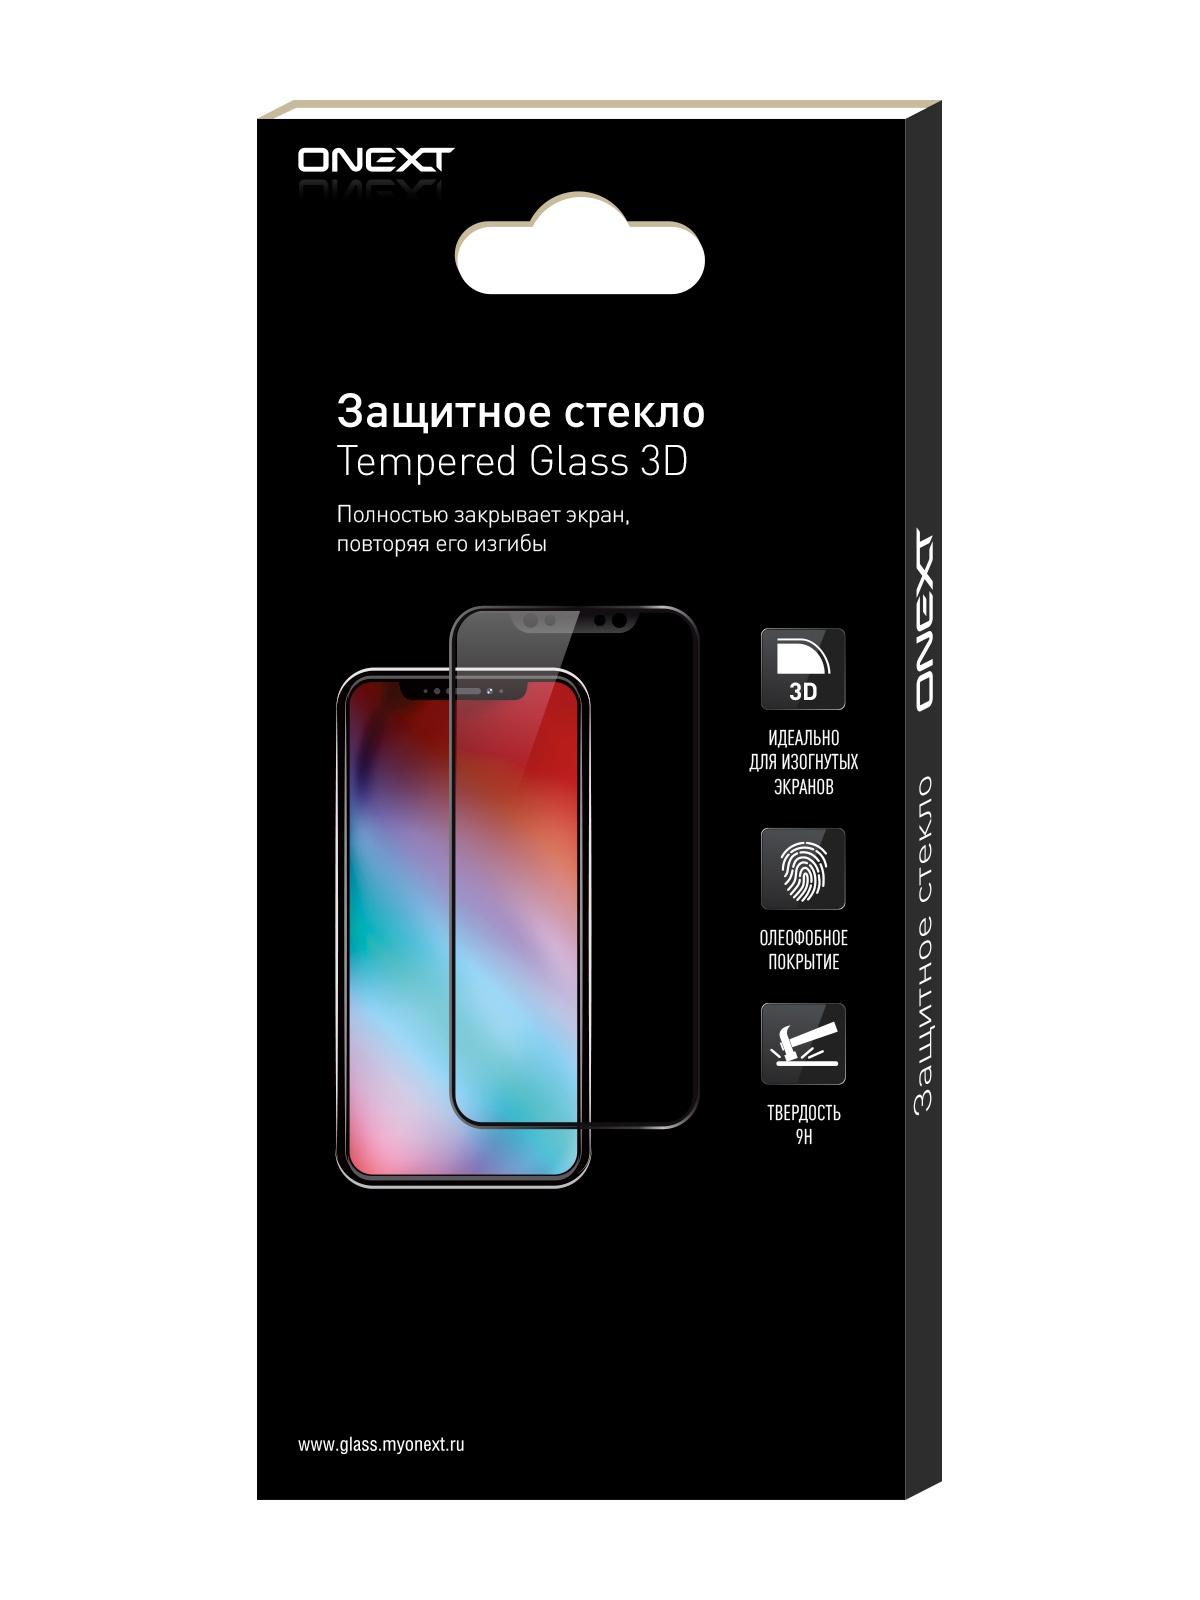 Защитное стекло ONEXT iPhone 6/6S закругленное (3D )